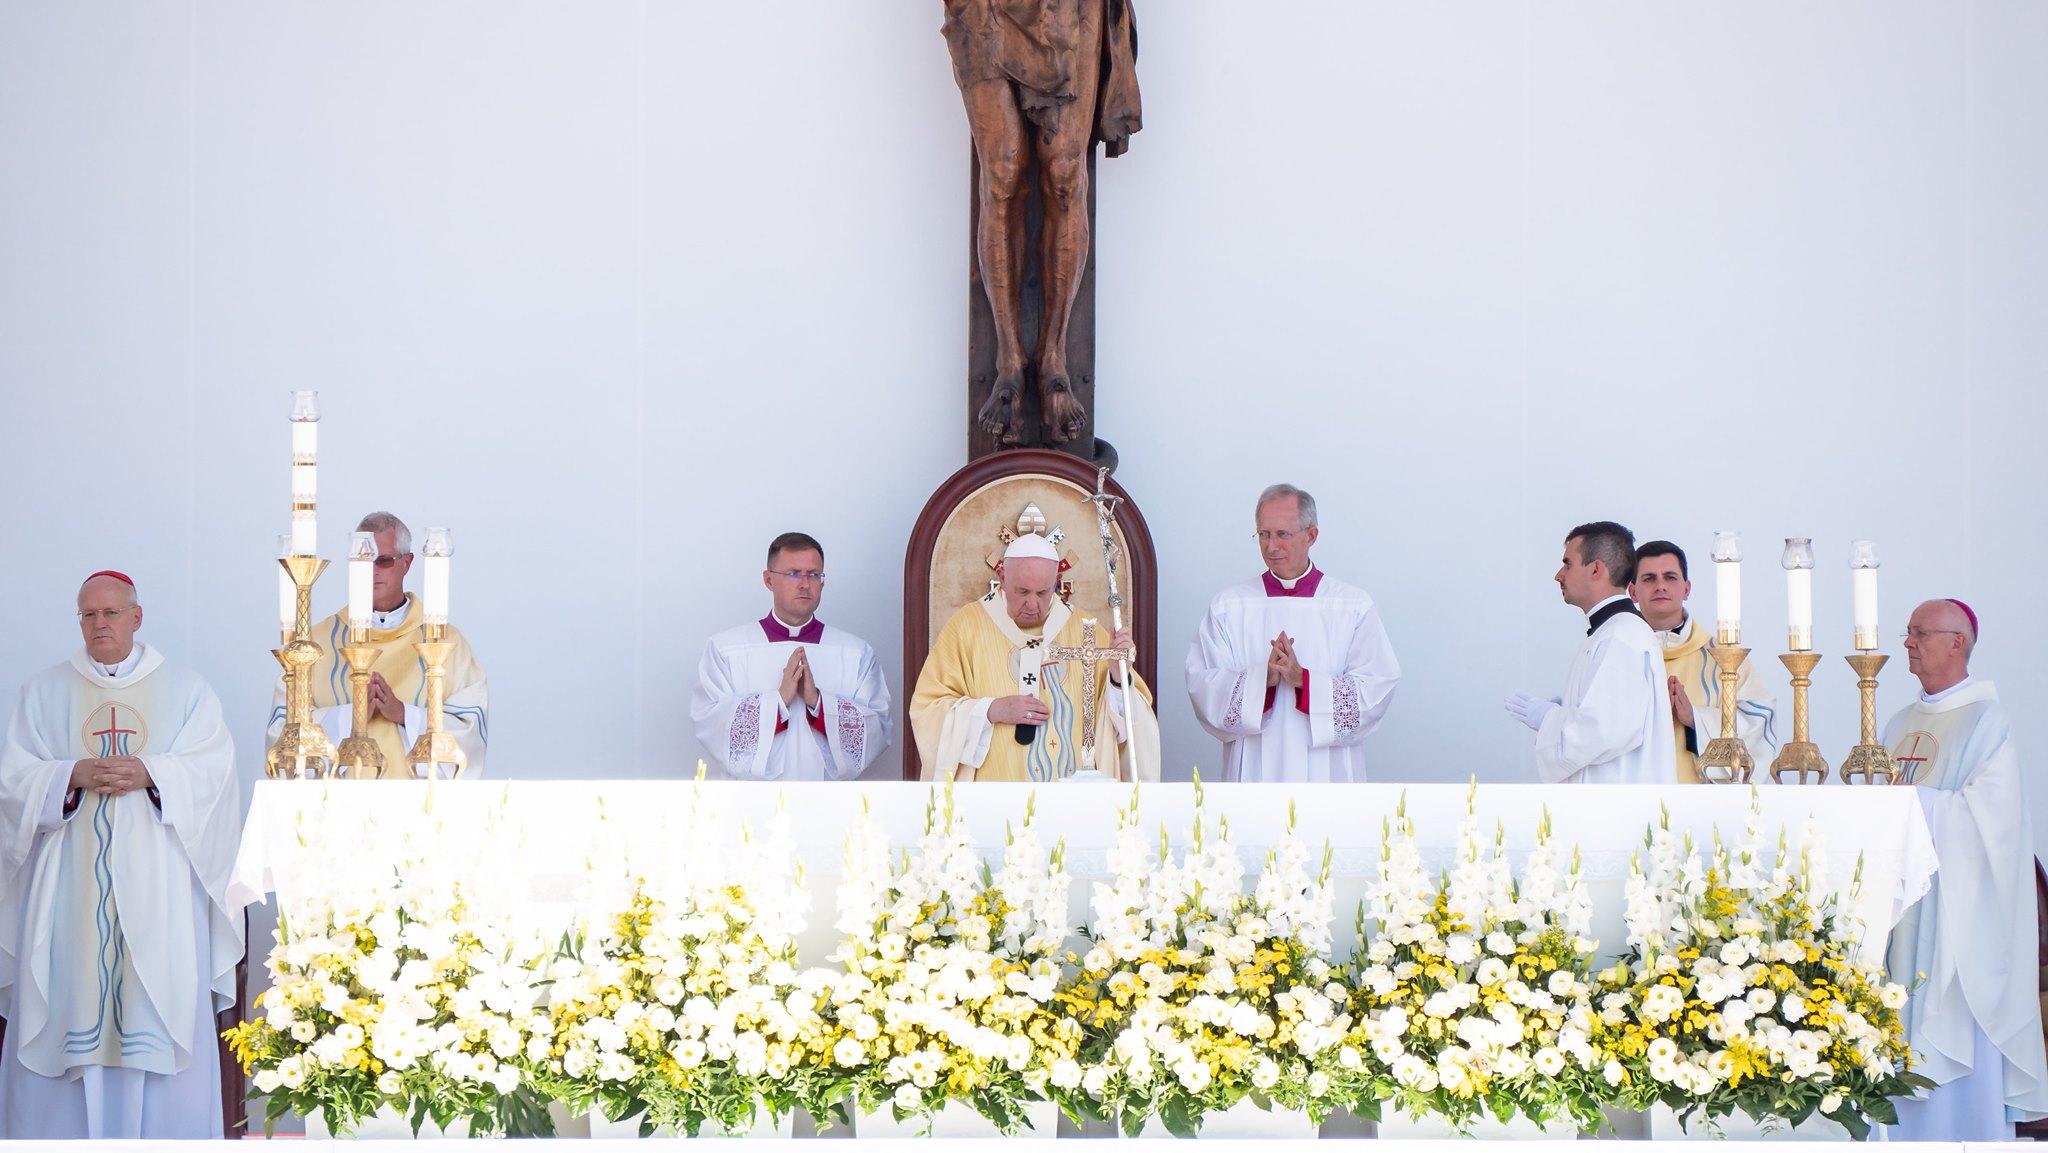 Papstpredigt bei der Abschlussmesse im Wortlaut